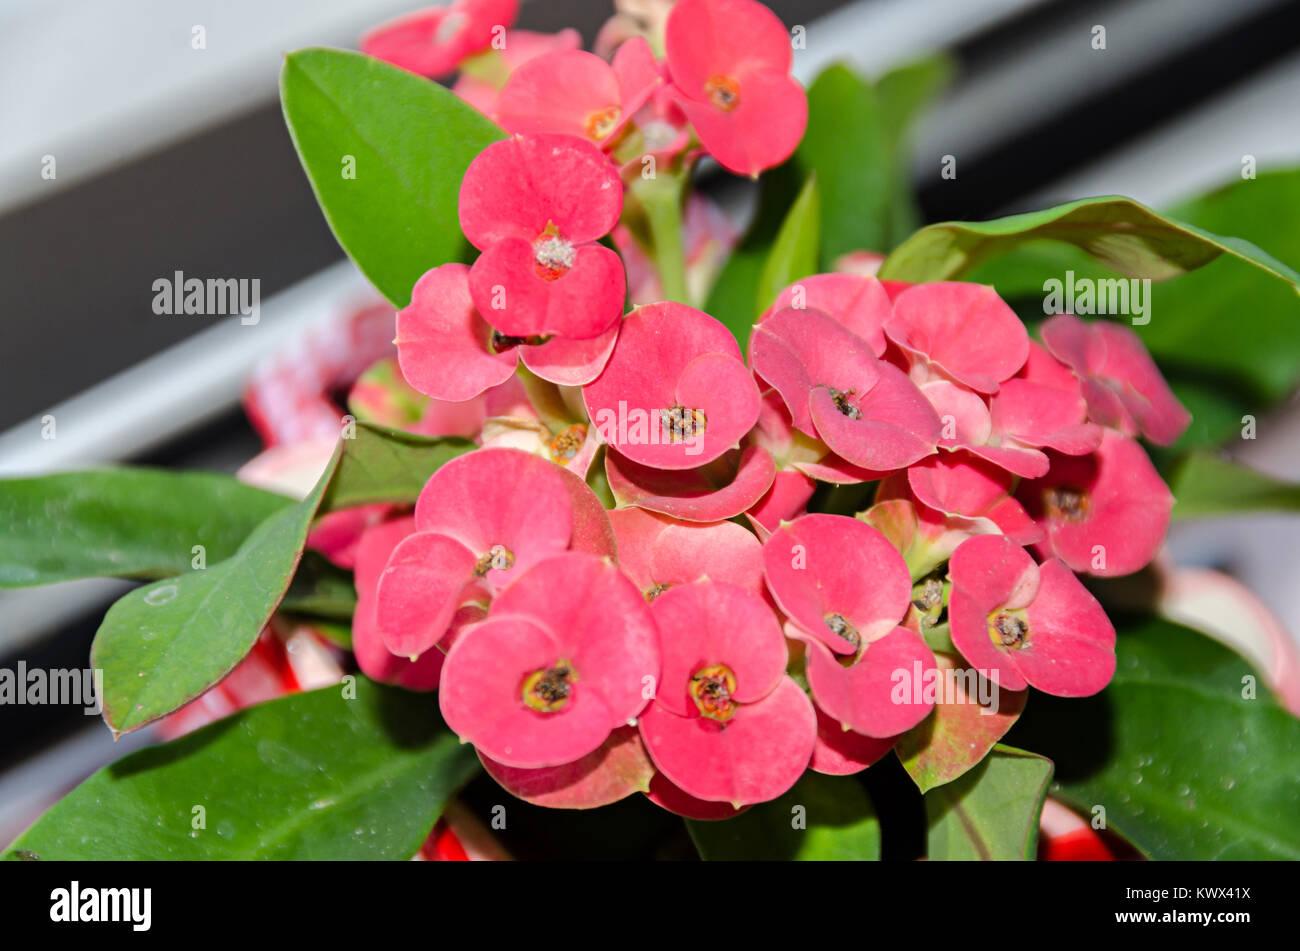 Pianta Fiori Rossi.Euphorbia Rosa Fiori Rossi La Corona Di Spine Di Cristo Pianta